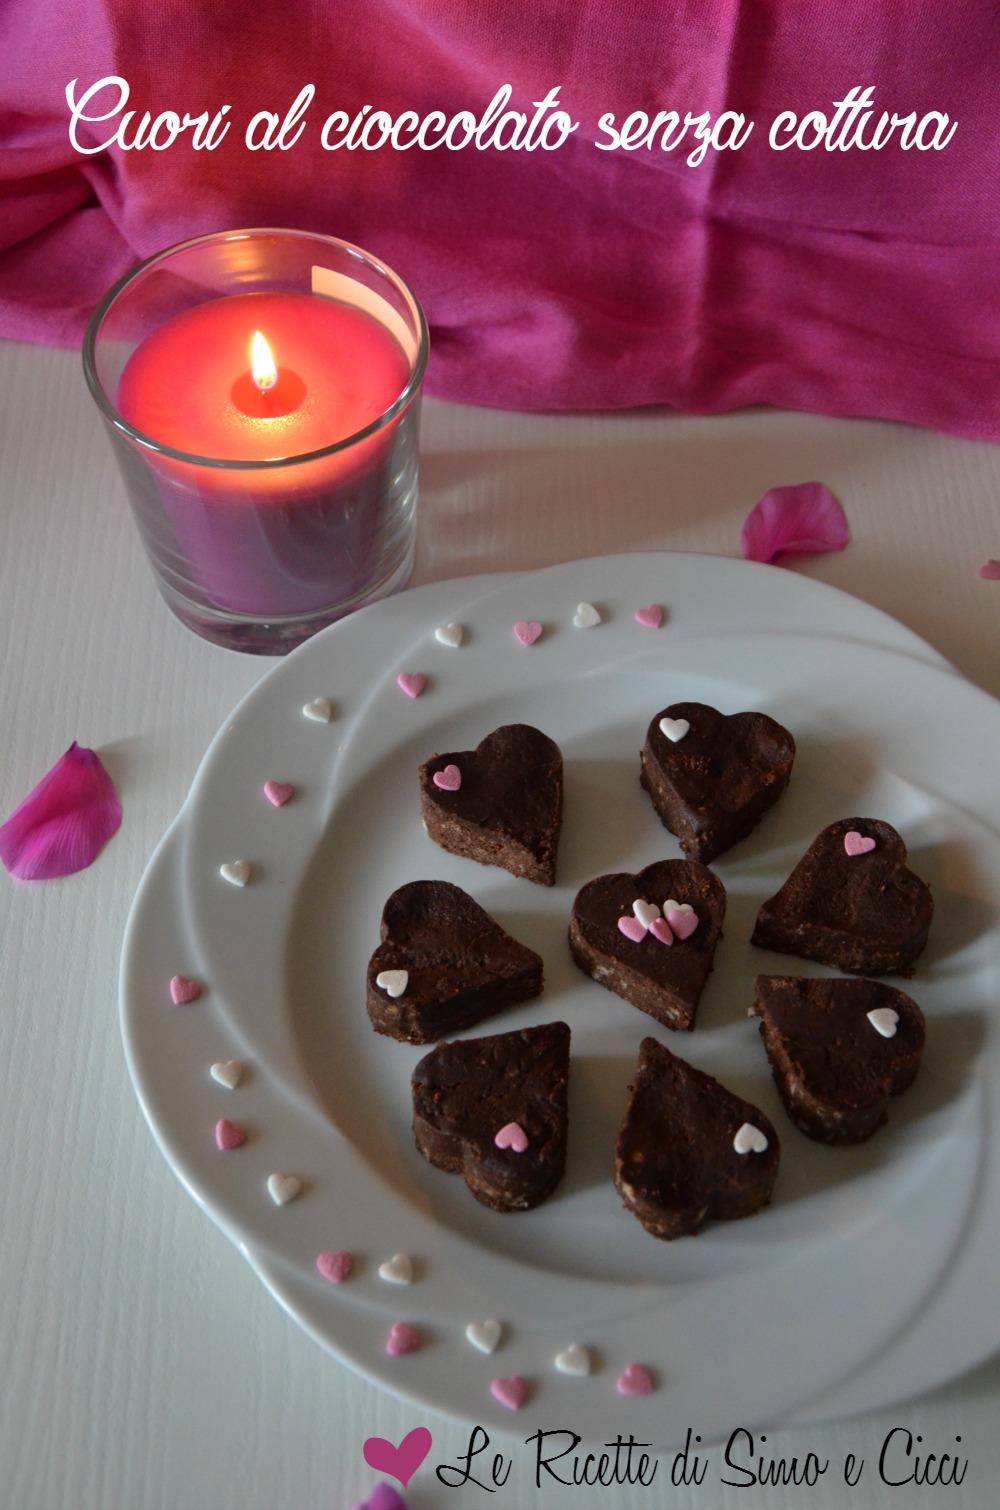 Cuori al cioccolato senza cottura